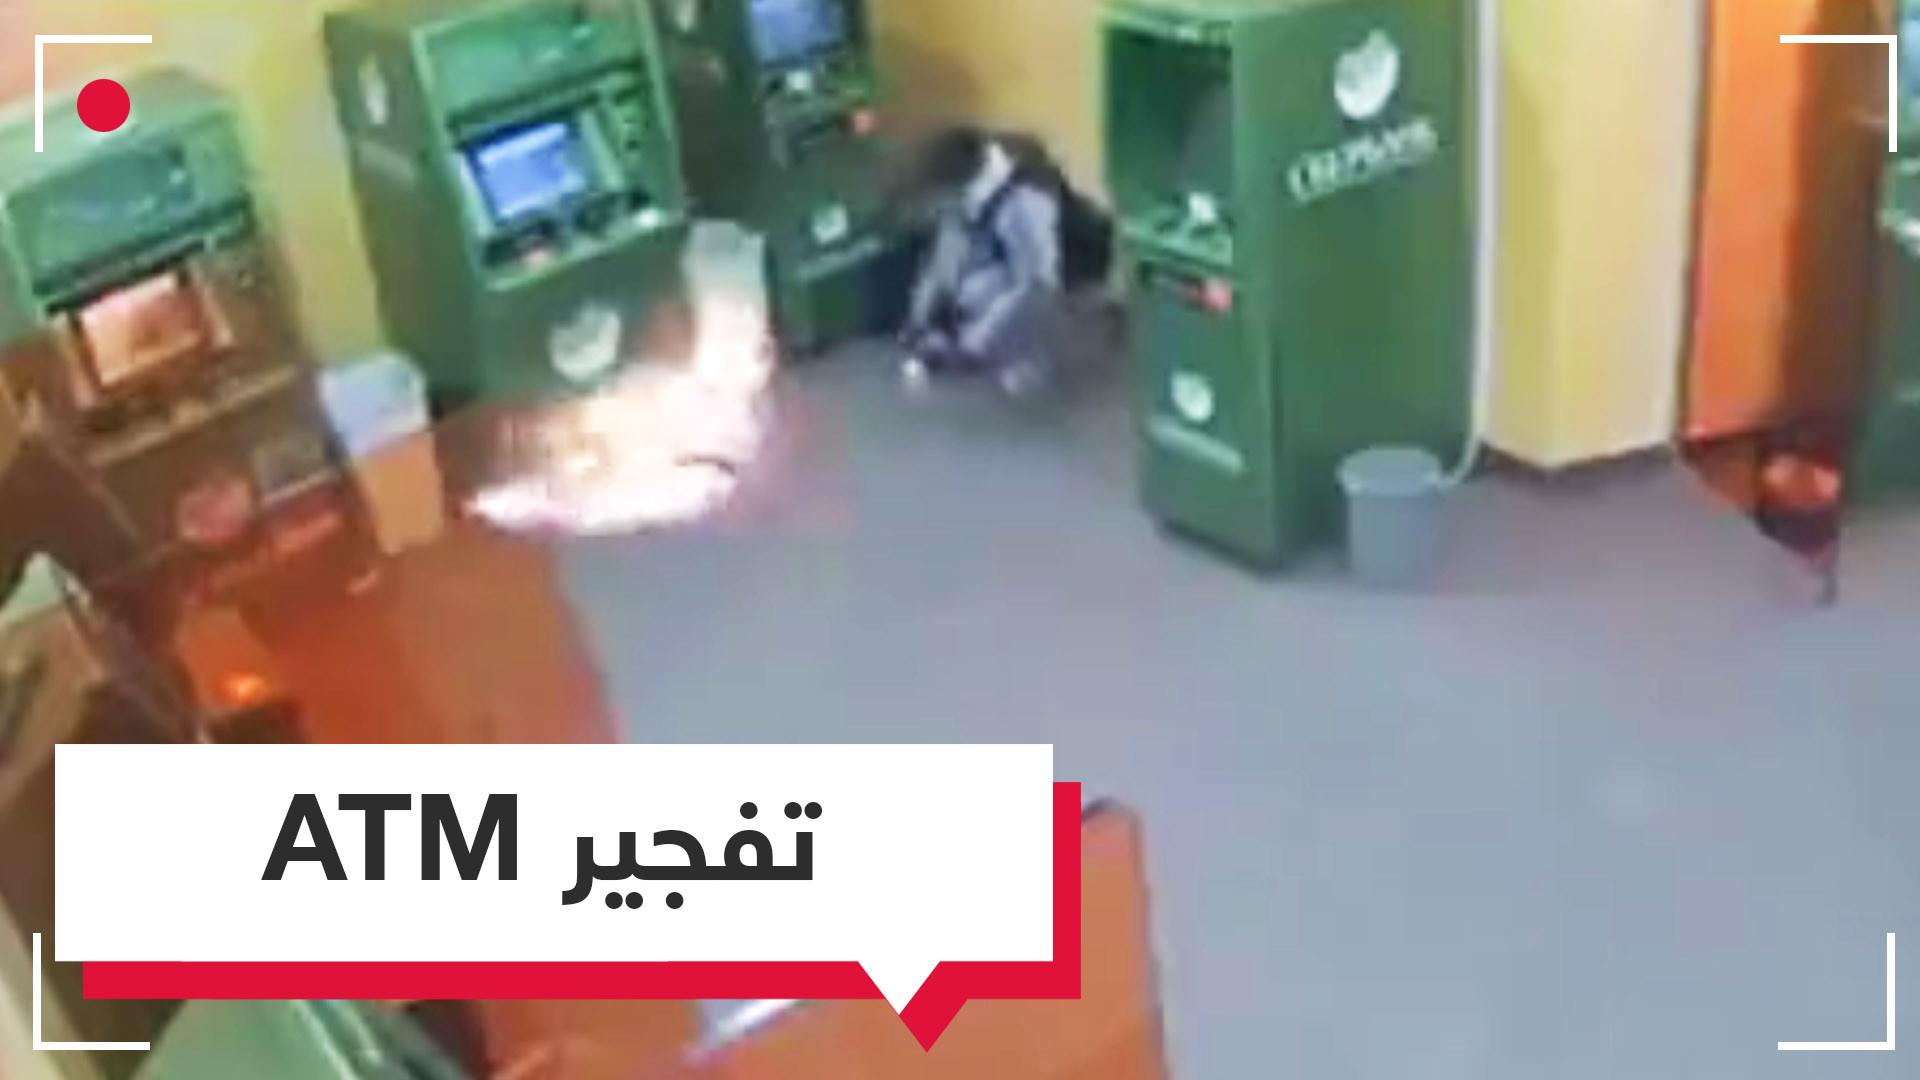 شاهد.. سرقة صراف آلي بطريقة غريبة في روسيا